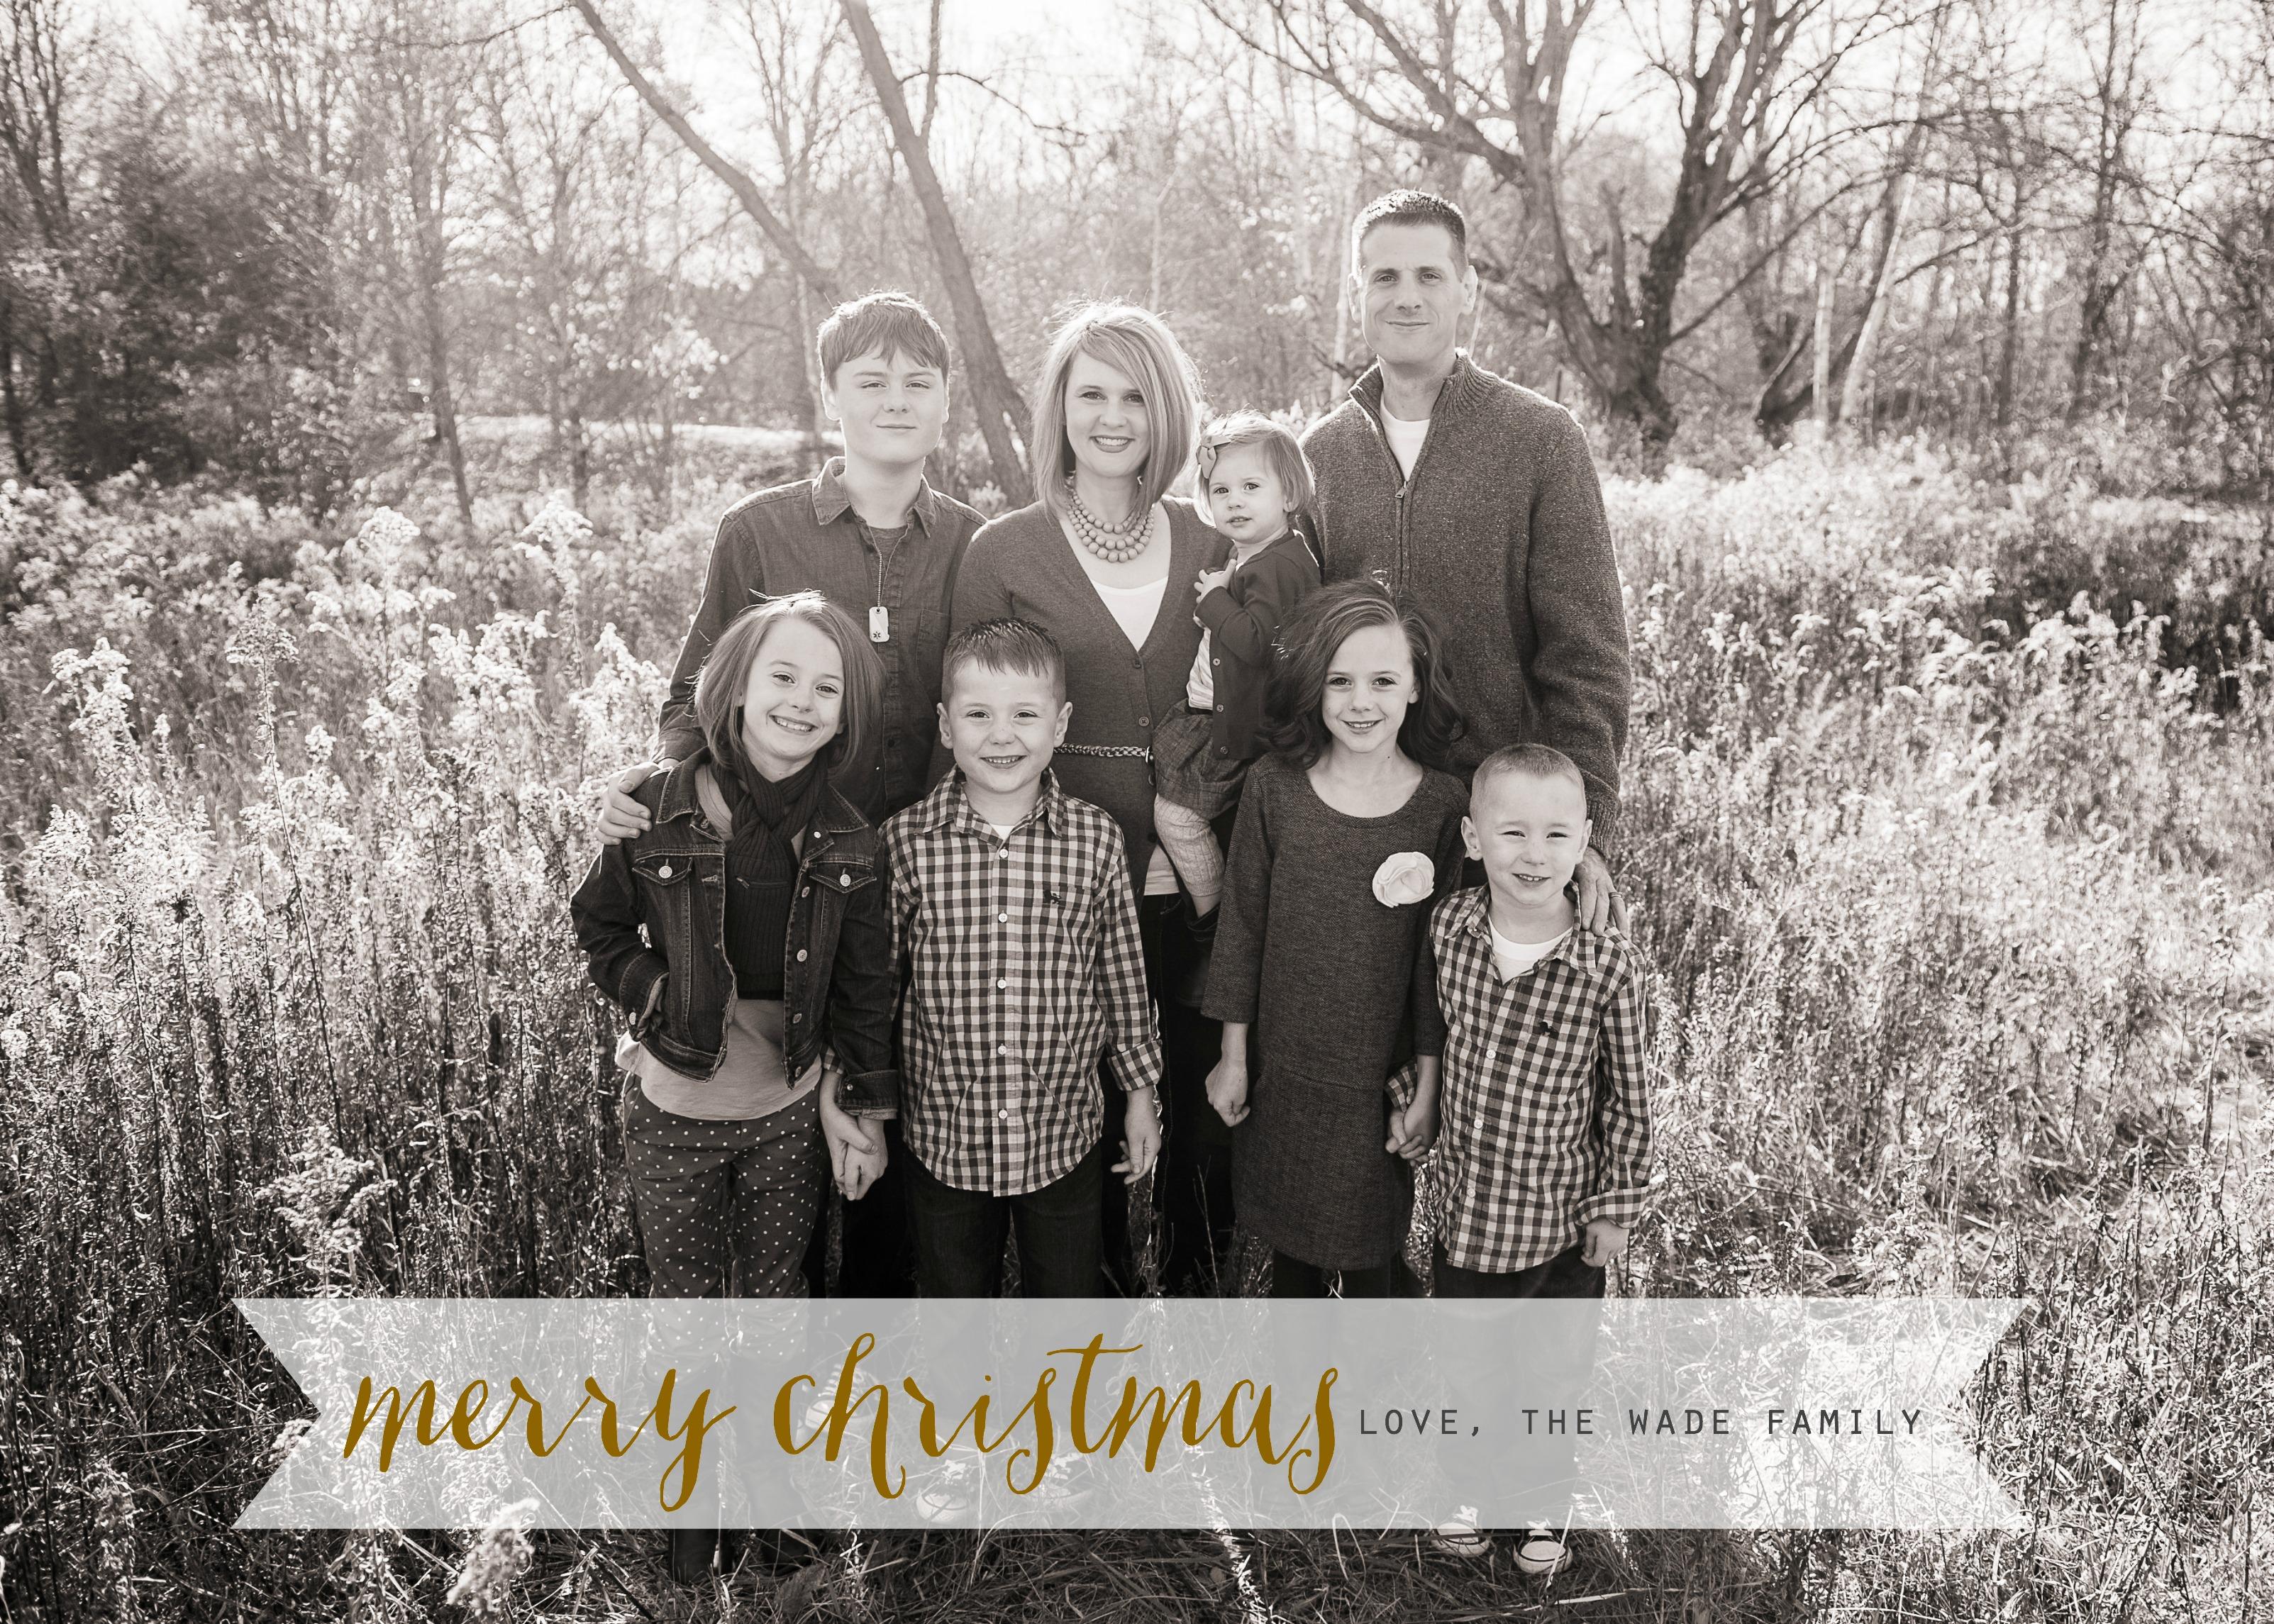 merry christmas | simplykierste.com